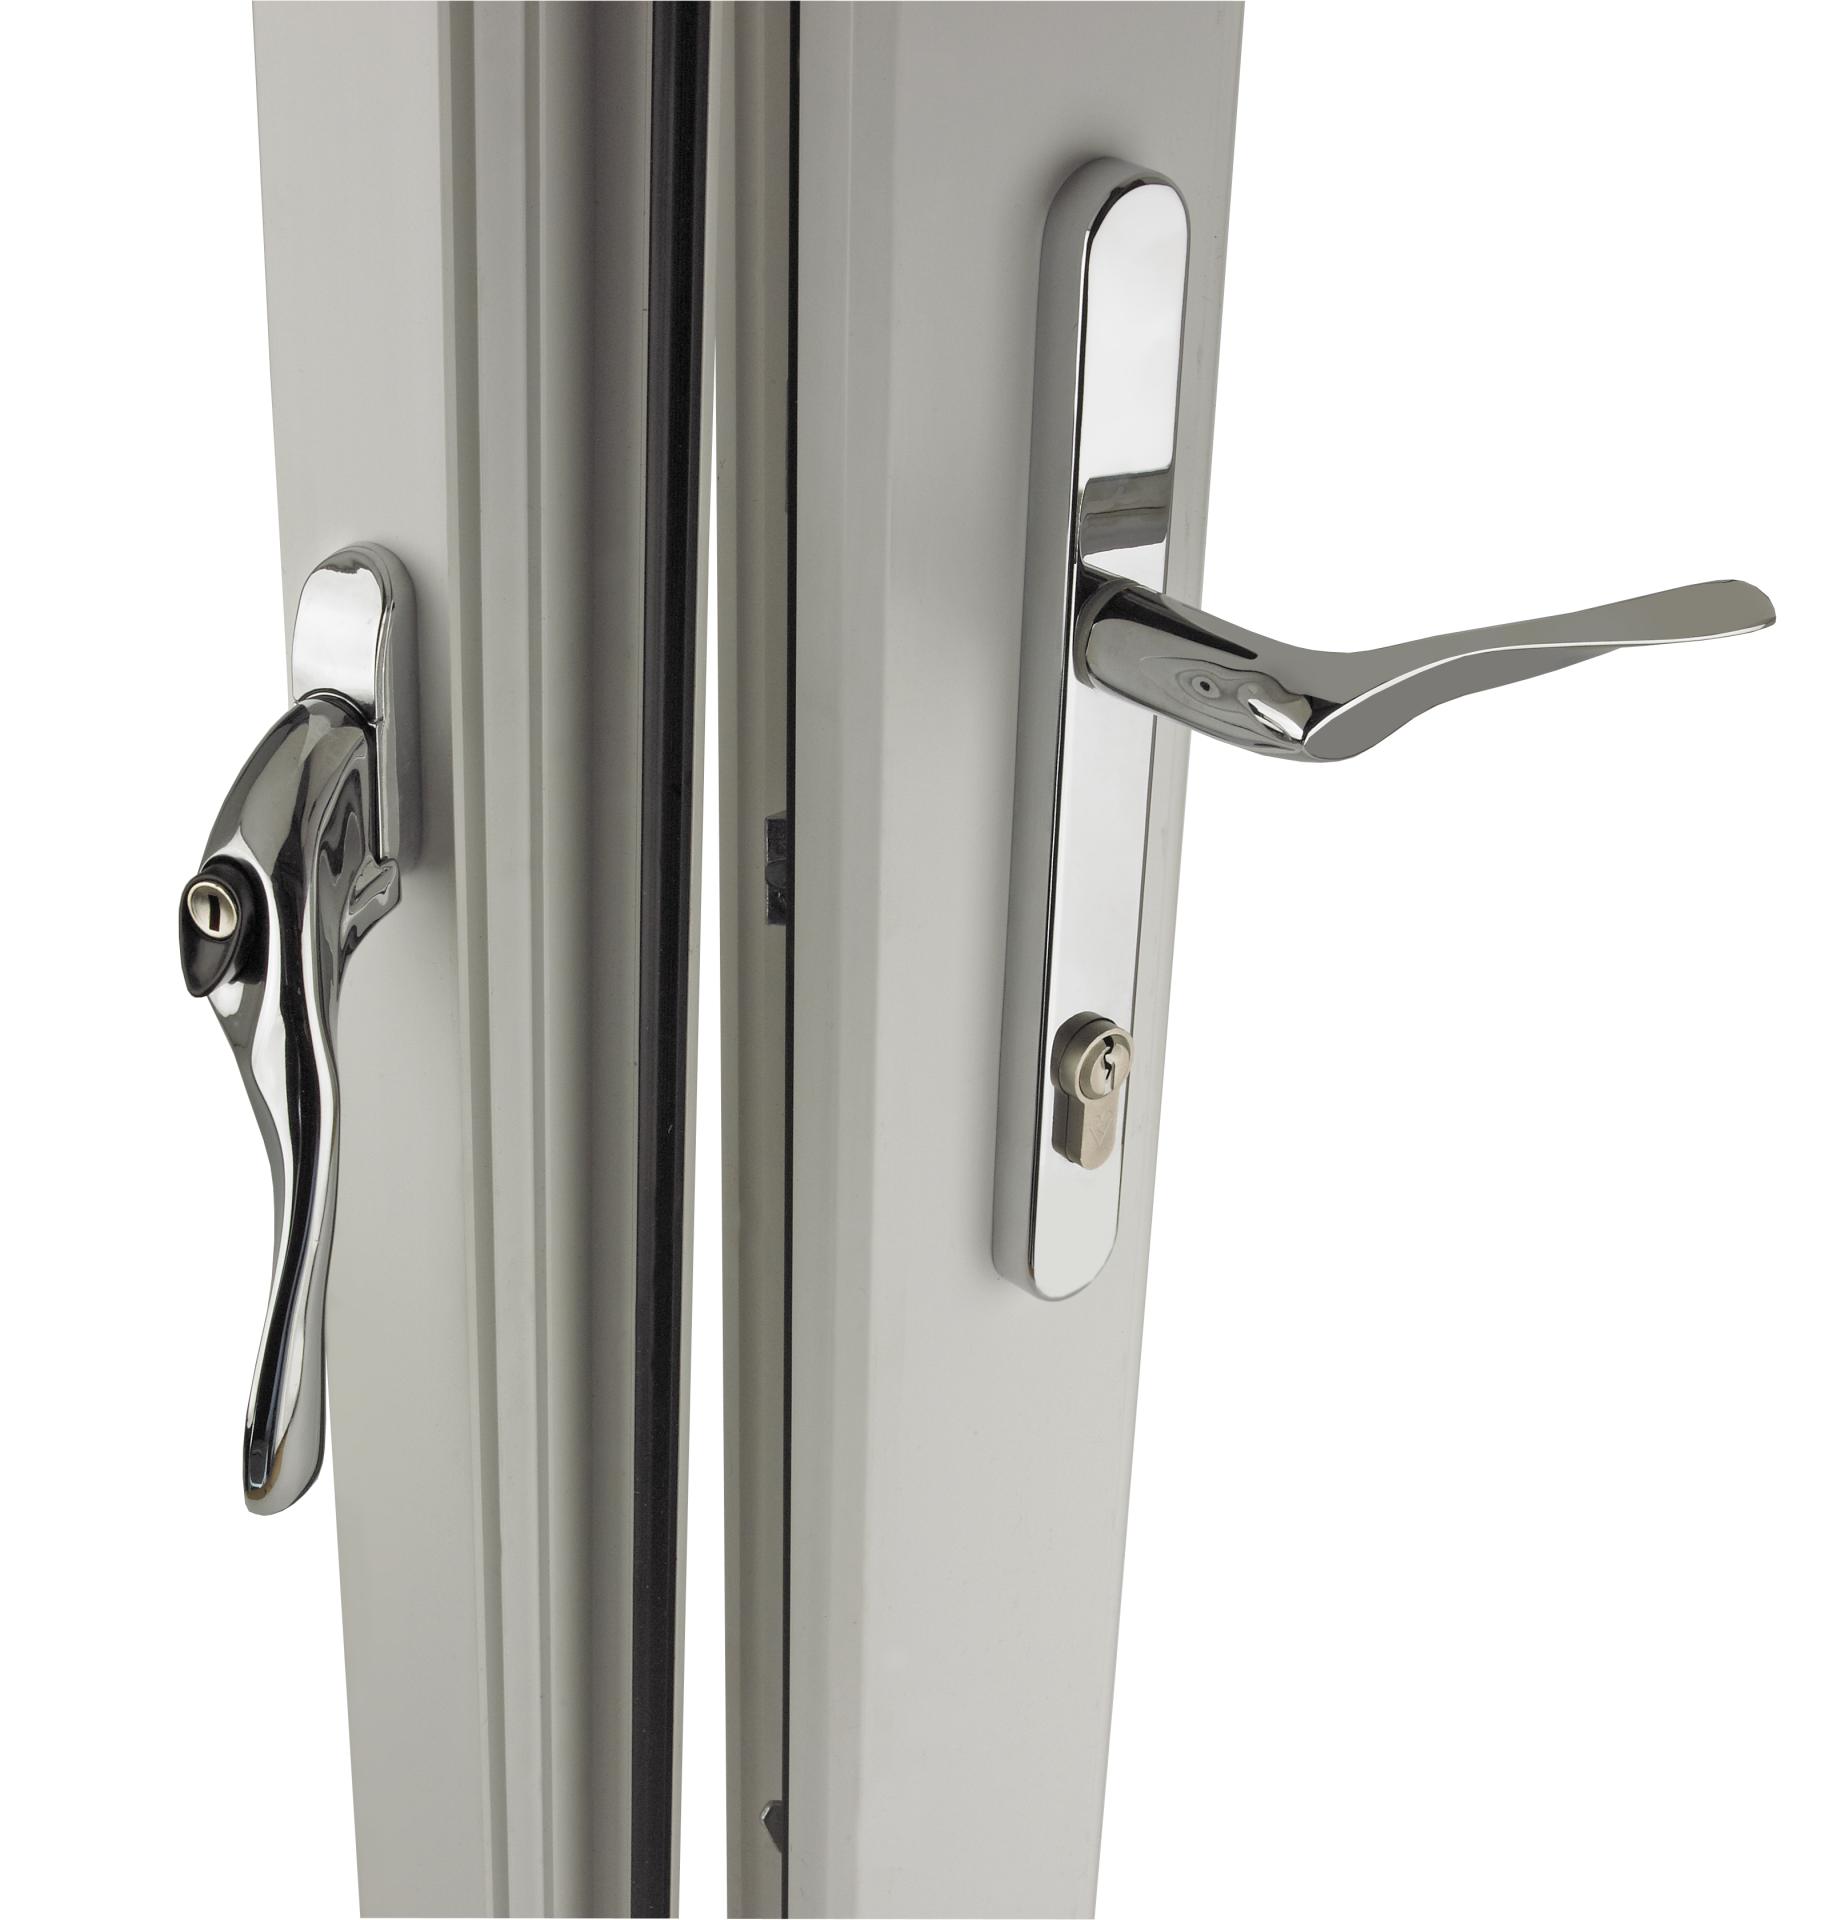 Door and window Locks